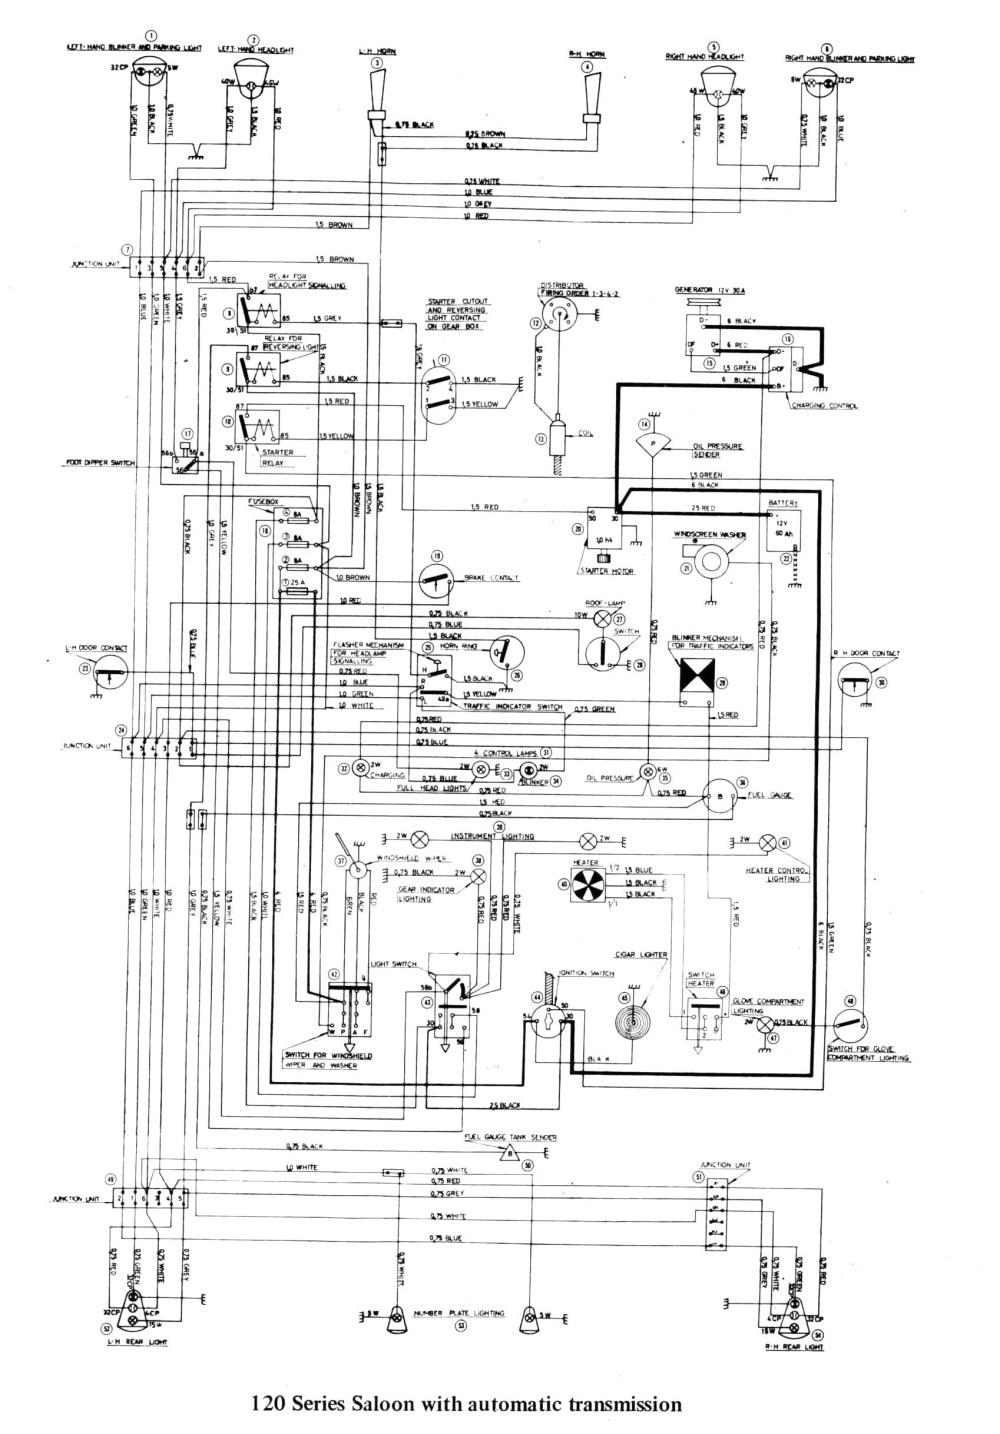 medium resolution of club car wiring diagram 36 volt club car golf cart wiring diagram awesome 48 volt club